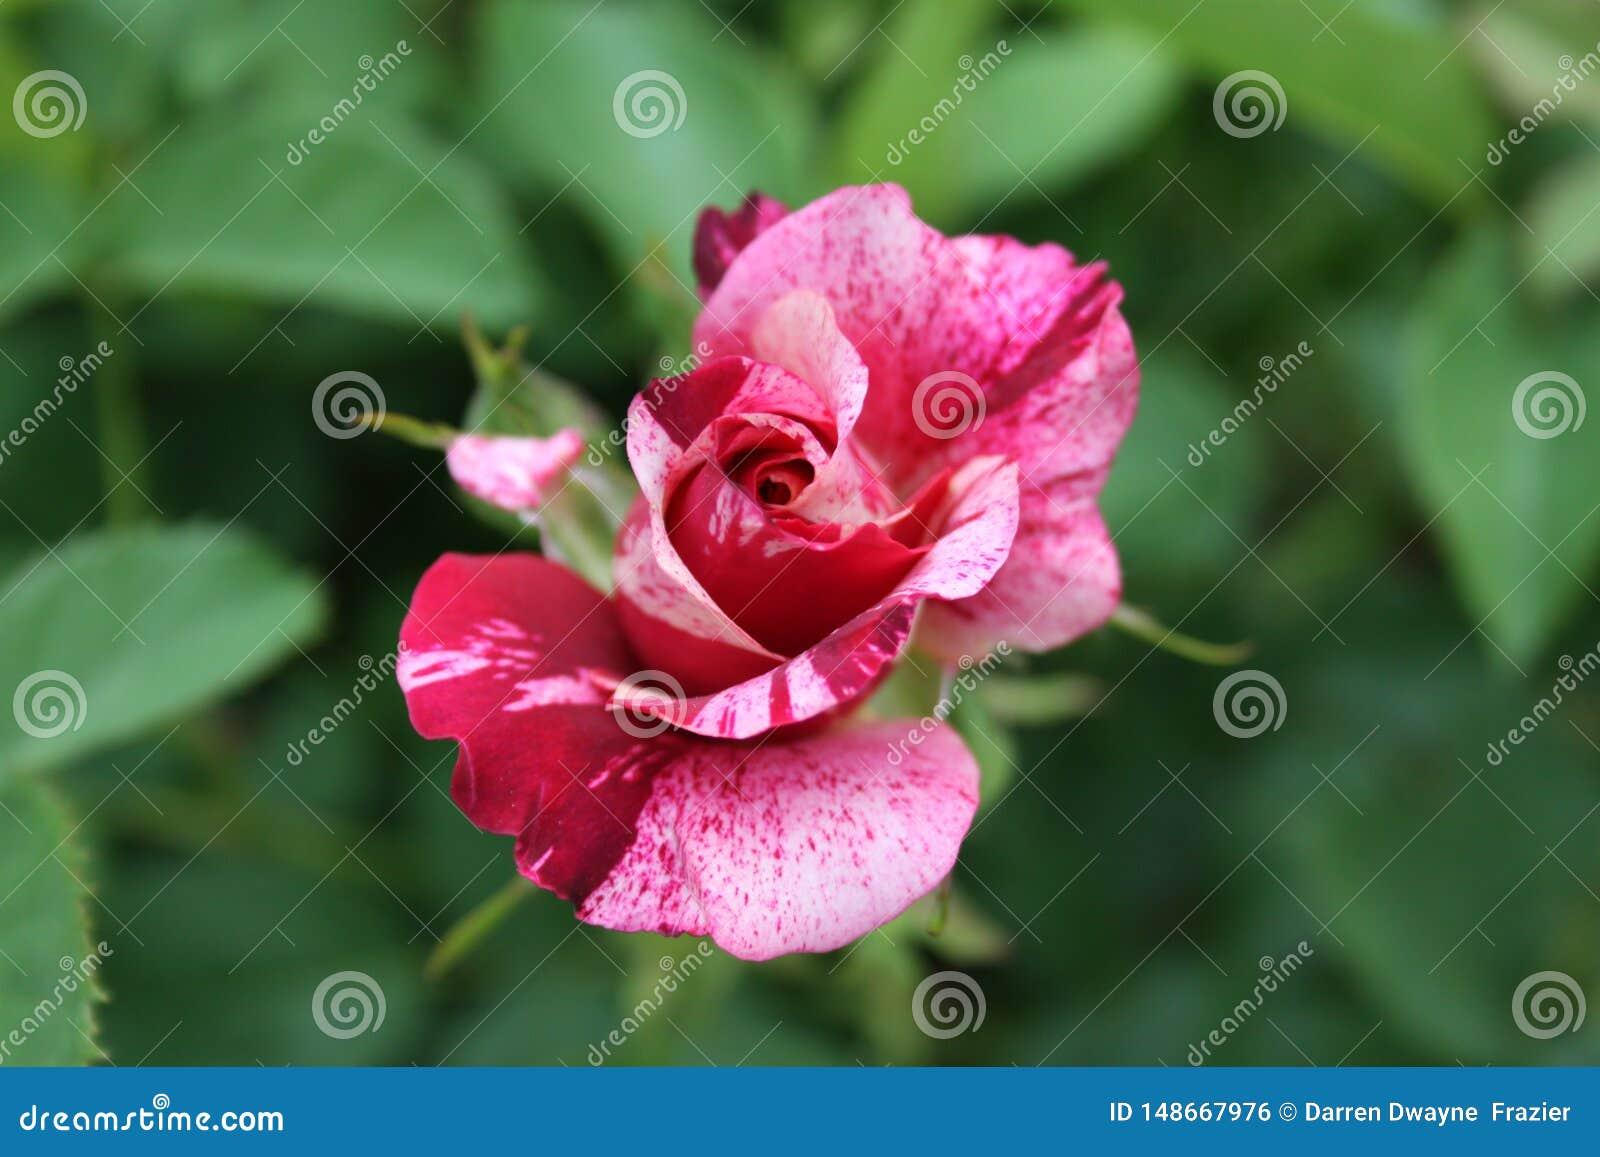 Rose Petals vari?e 2019